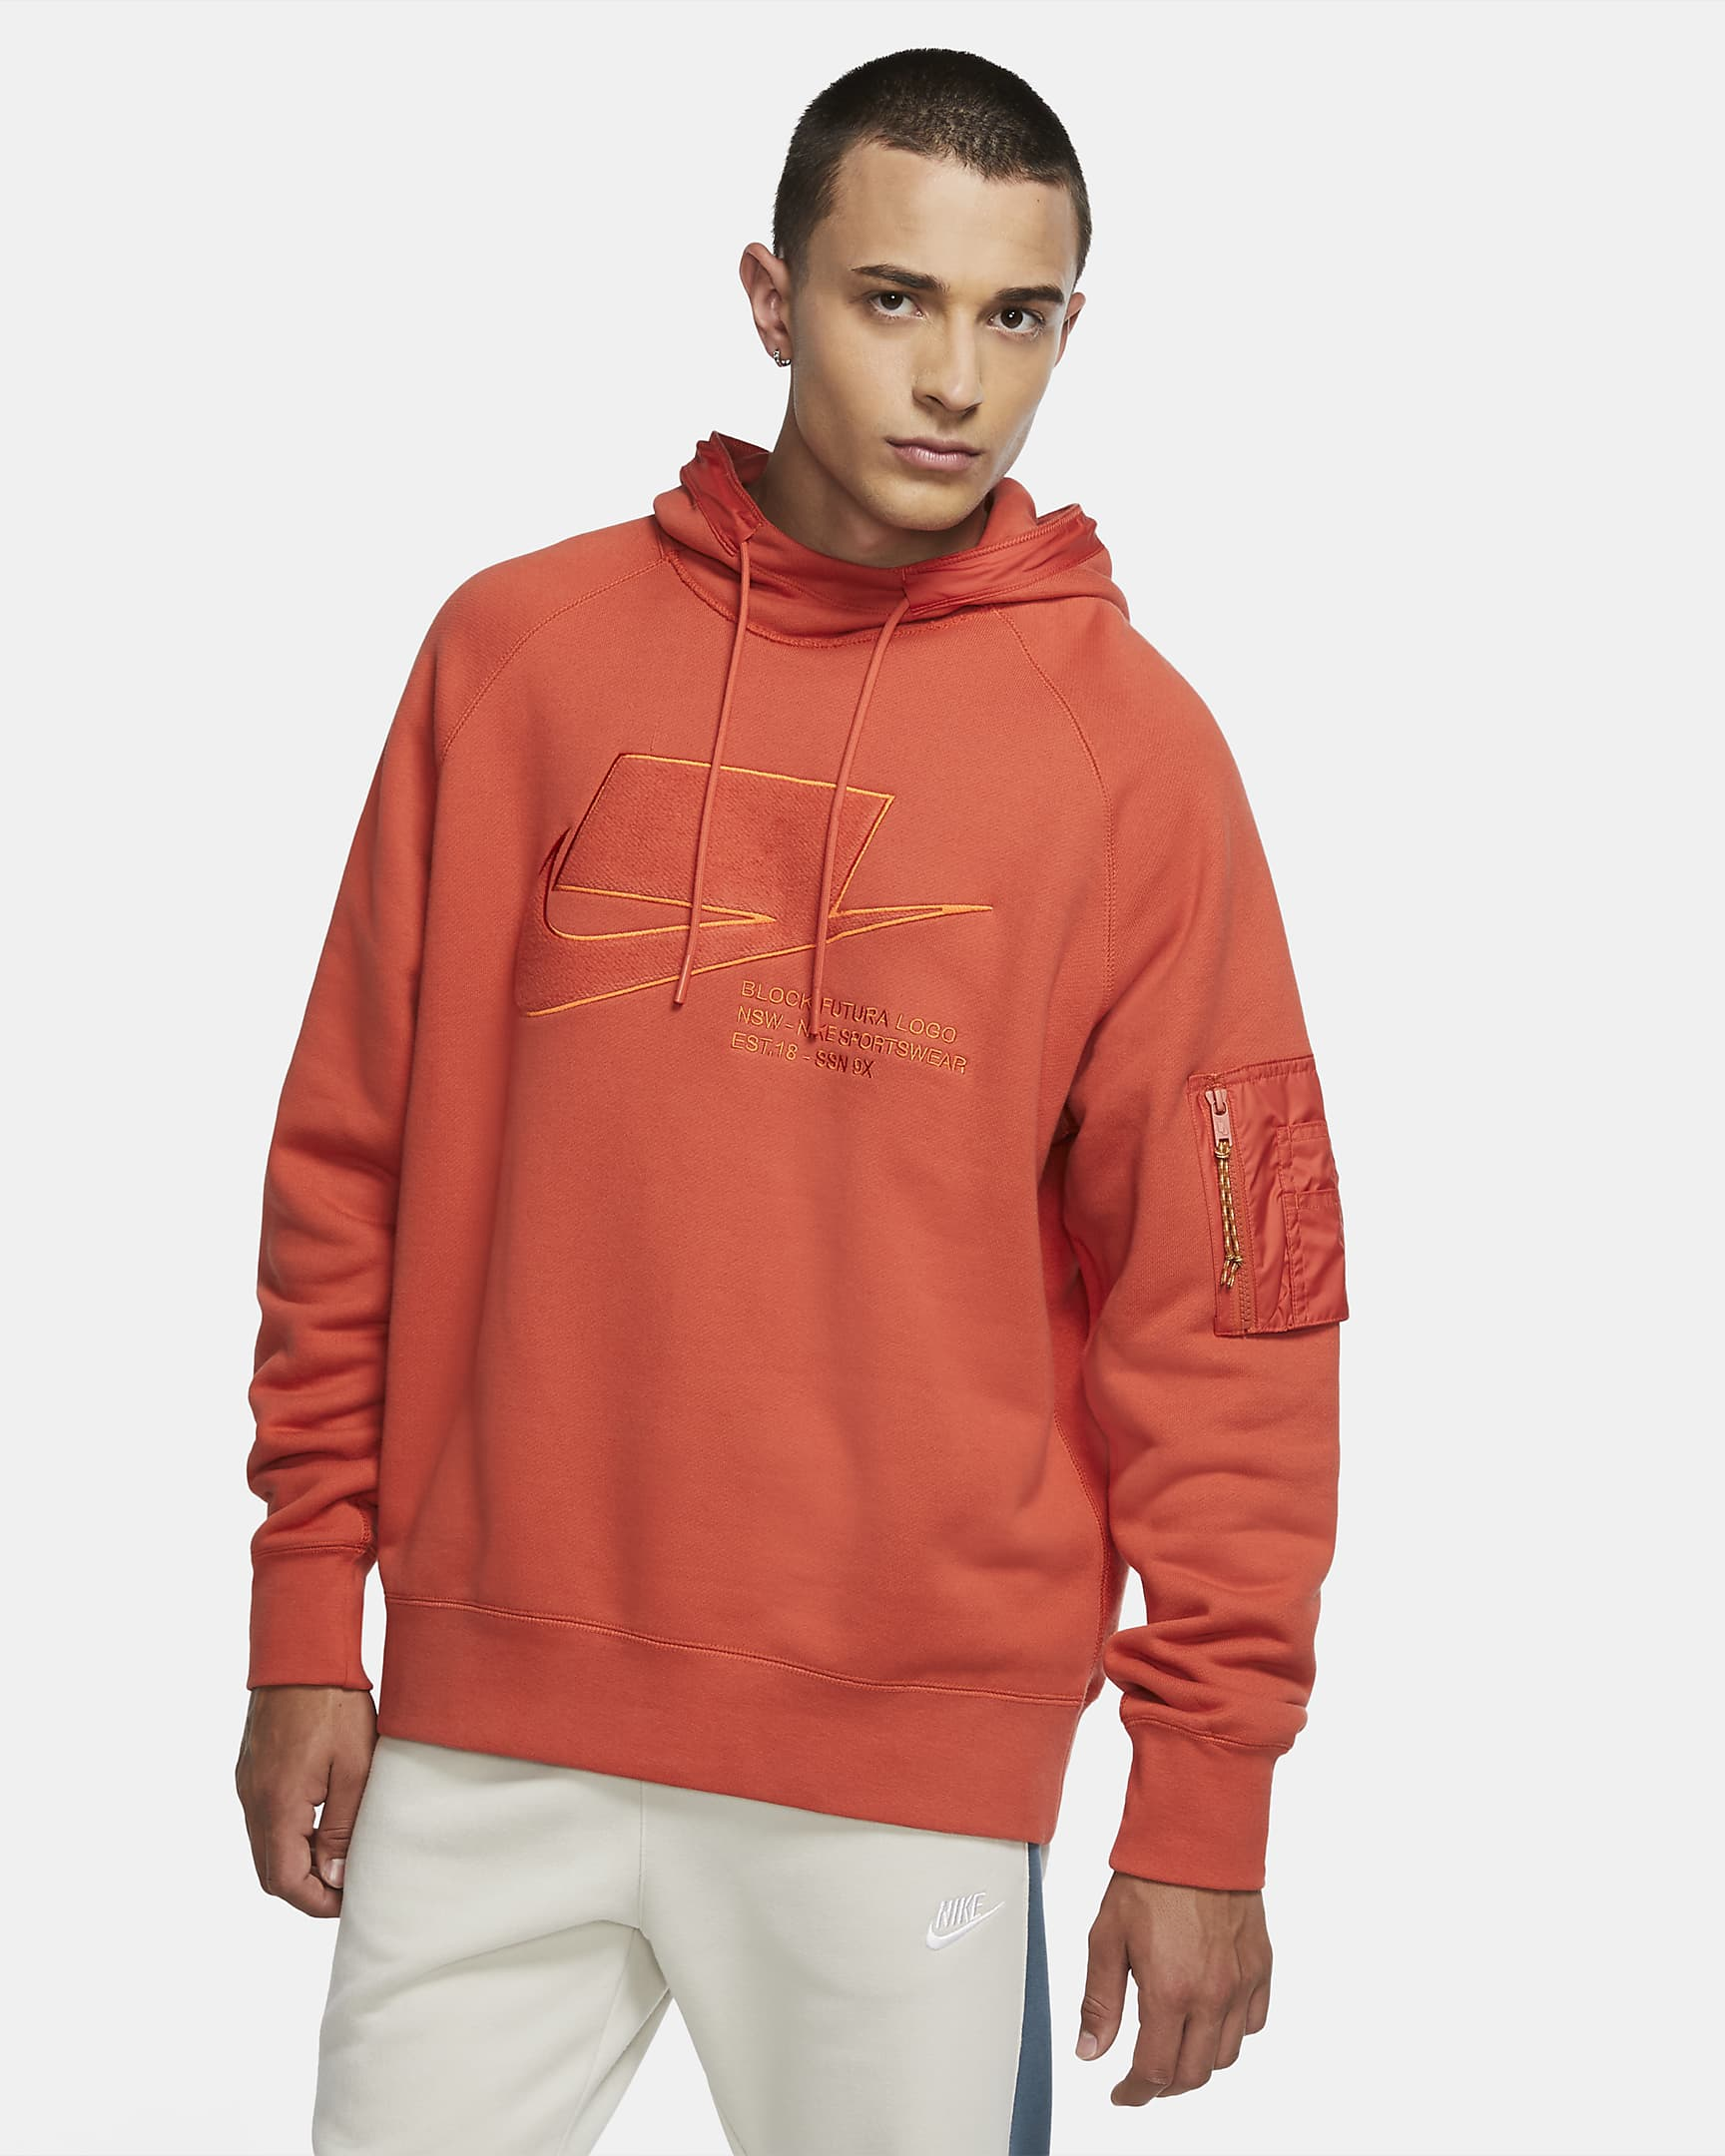 sportswear-nsw-mens-pullover-hoodie-knslnv-1